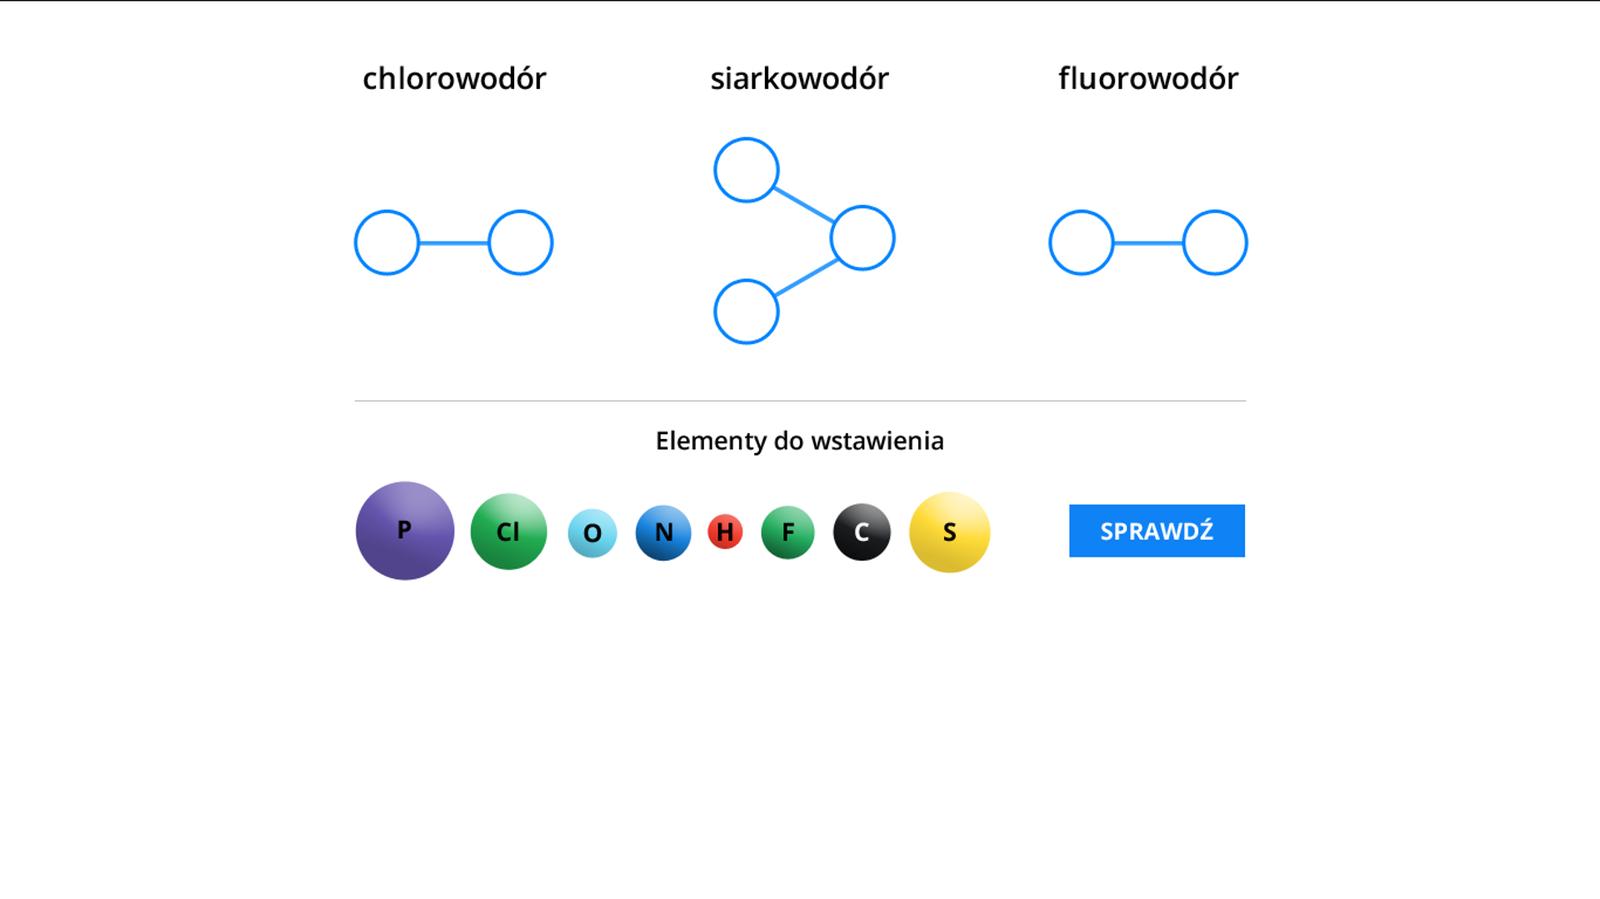 Aplikacja interaktywna wformie układanki. Wgórnej części okna znajdują się ogólne schematy trzech cząsteczek. Licząc od lewej są one podpisane: chlorowodów, siarkowodór ifluorowodór. Miejsca przeznaczone na symbole atomów wchodzących wskład tych związków są pustymi okręgami połączonymi ze sobą kreskami symbolizującymi wiązania pojedyncze. Poniżej, wobszarze oznaczonym Elementy do wstawienia znajdują się kule oróżnych barwach irozmiarach zoznaczeniami różnych pierwiastków. Kolejno, licząc od lewej są to: P, Cl, O, N, H, F, Coraz S. Zadaniem użytkownika jest uzupełnienie wzorów właściwymi elementami poprzez przeciągnięcie kul wprzeznaczone dla nich miejsce. Weryfikacji ustawień dokonuje się naciskając przycisk Sprawdź wprawym dolnym rogu okna.